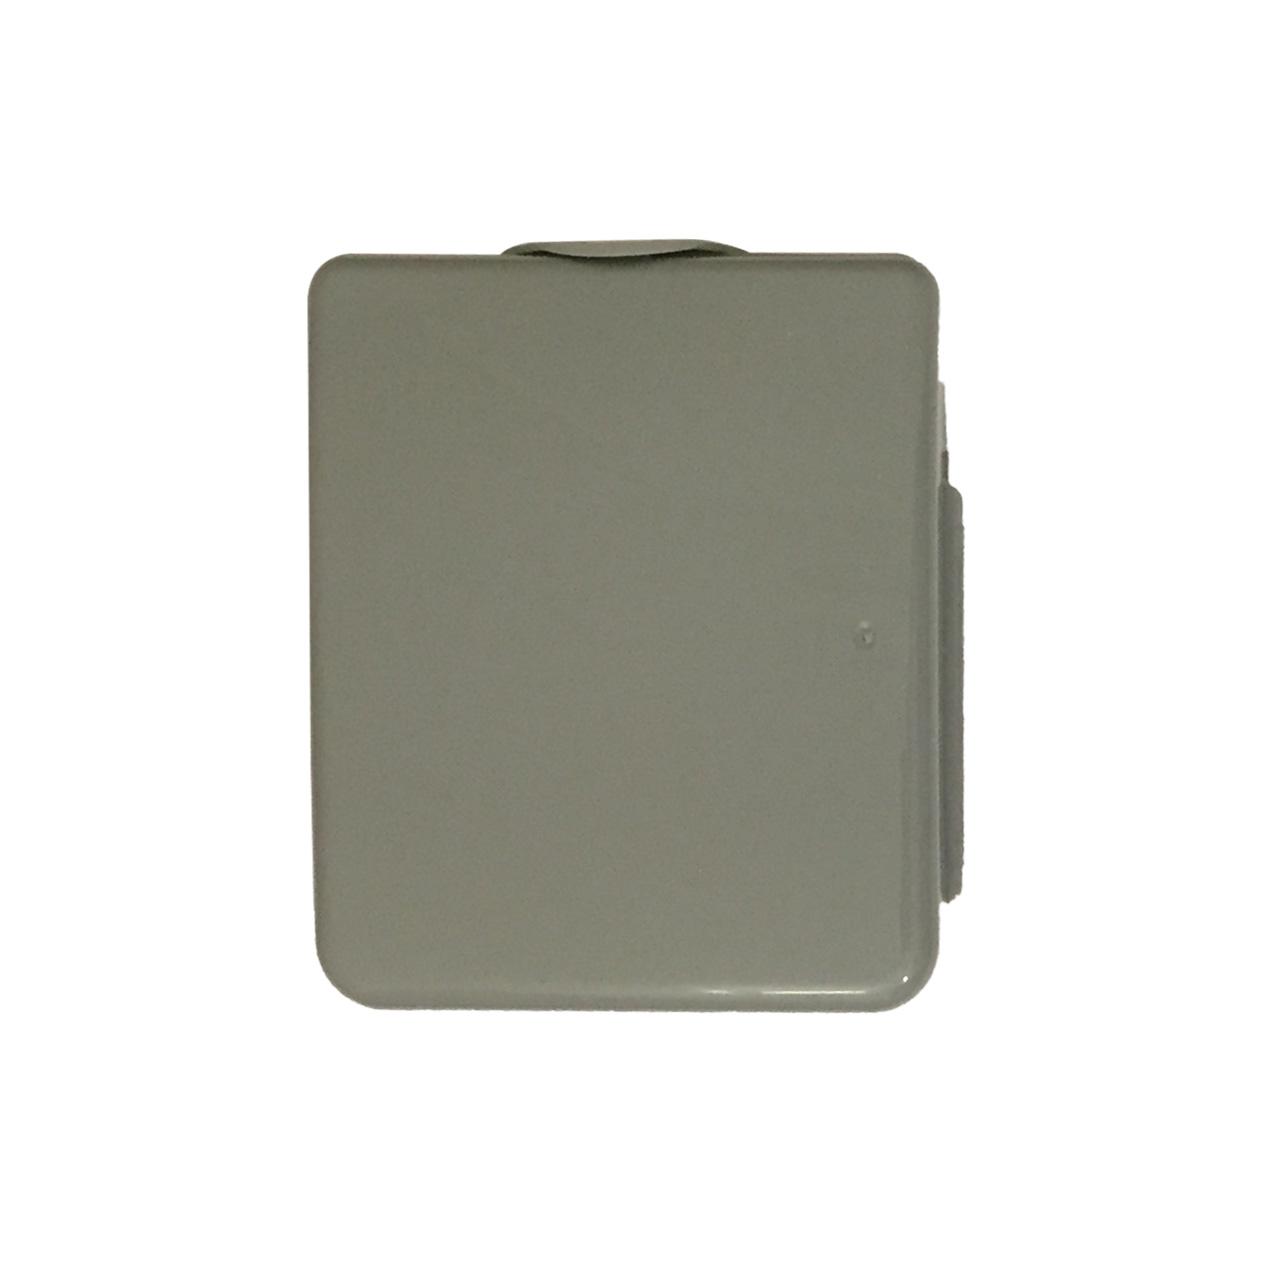 کیف نوار بهداشتی مادام کوکو مدل SG